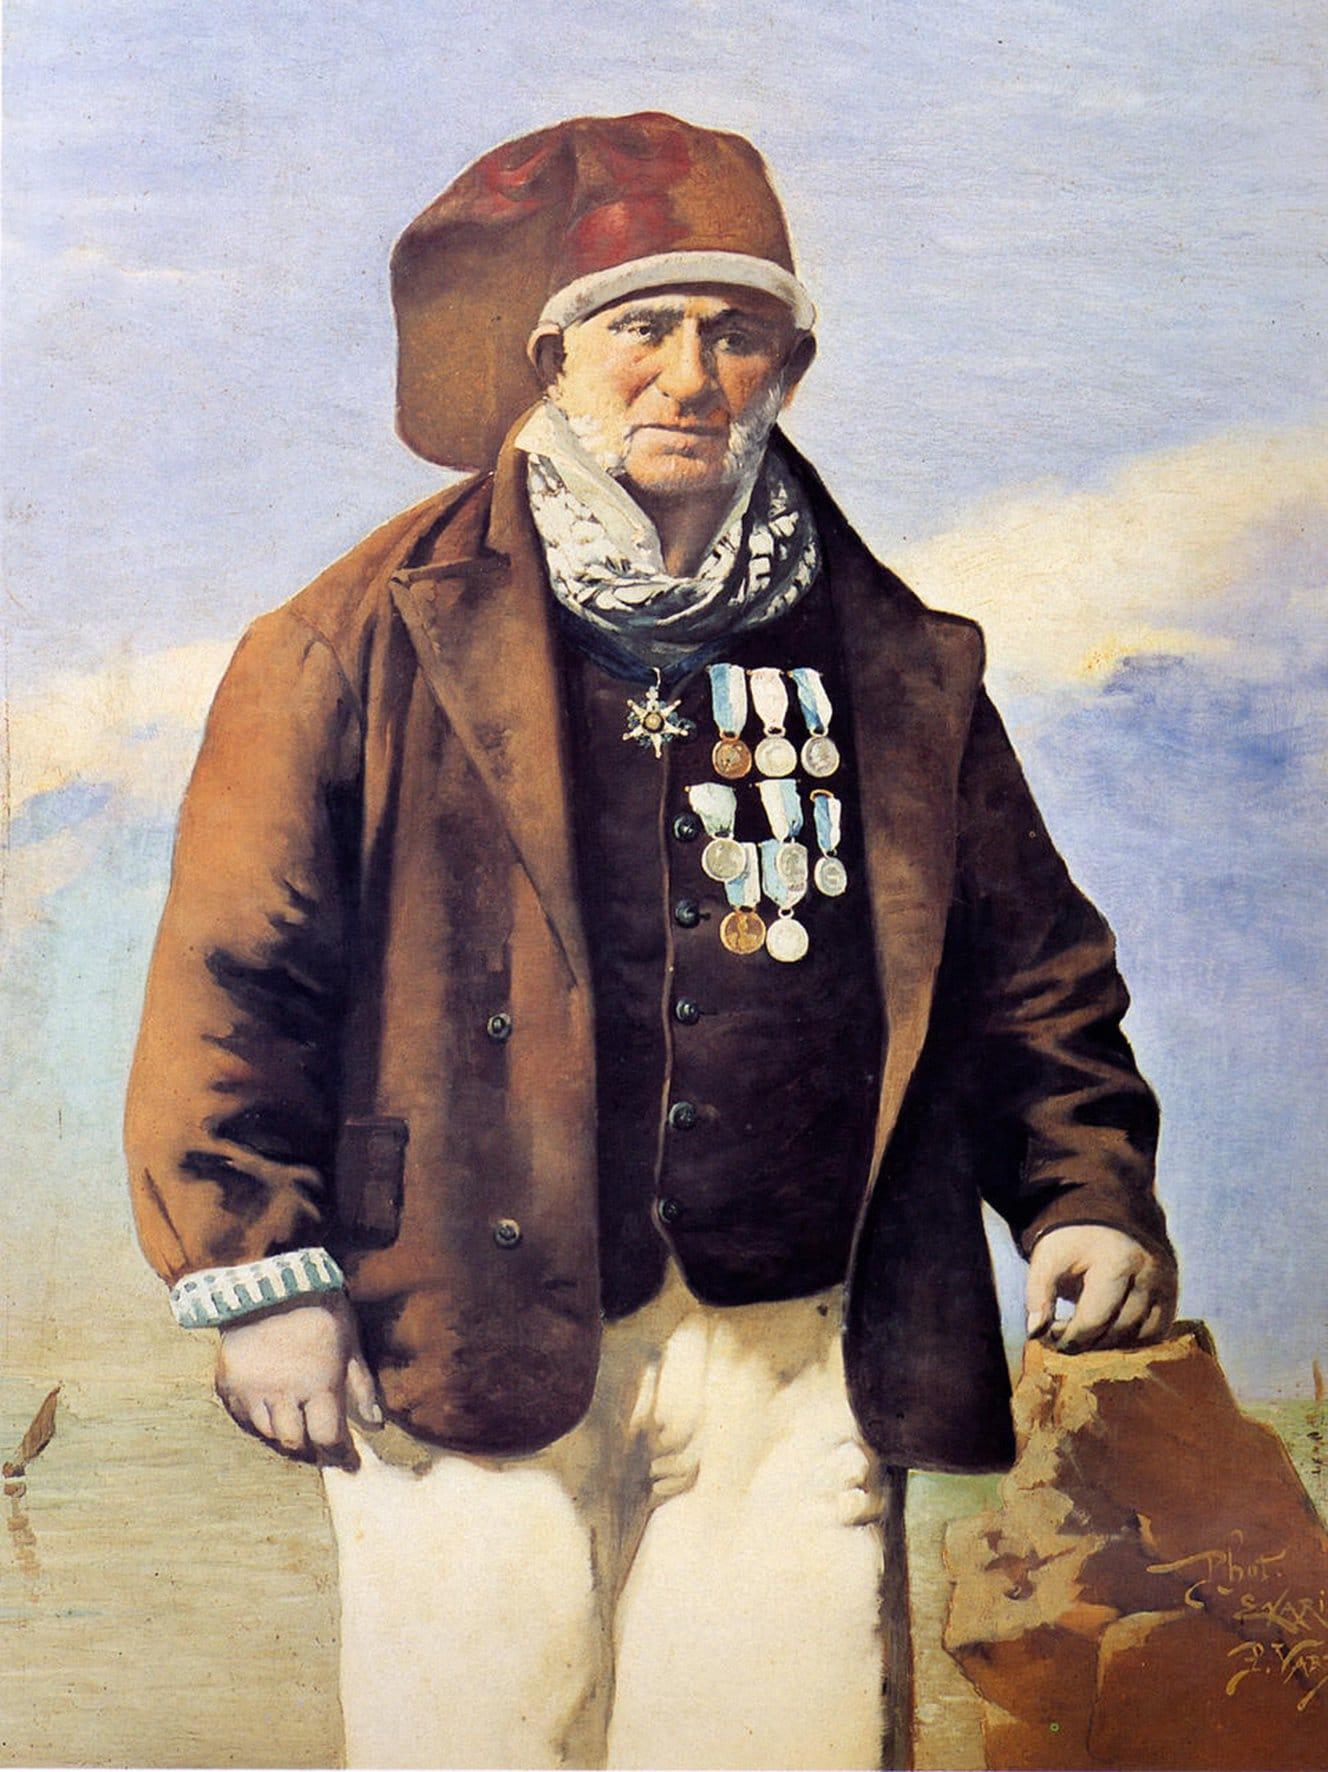 Pintura retrato do Cego do Maio